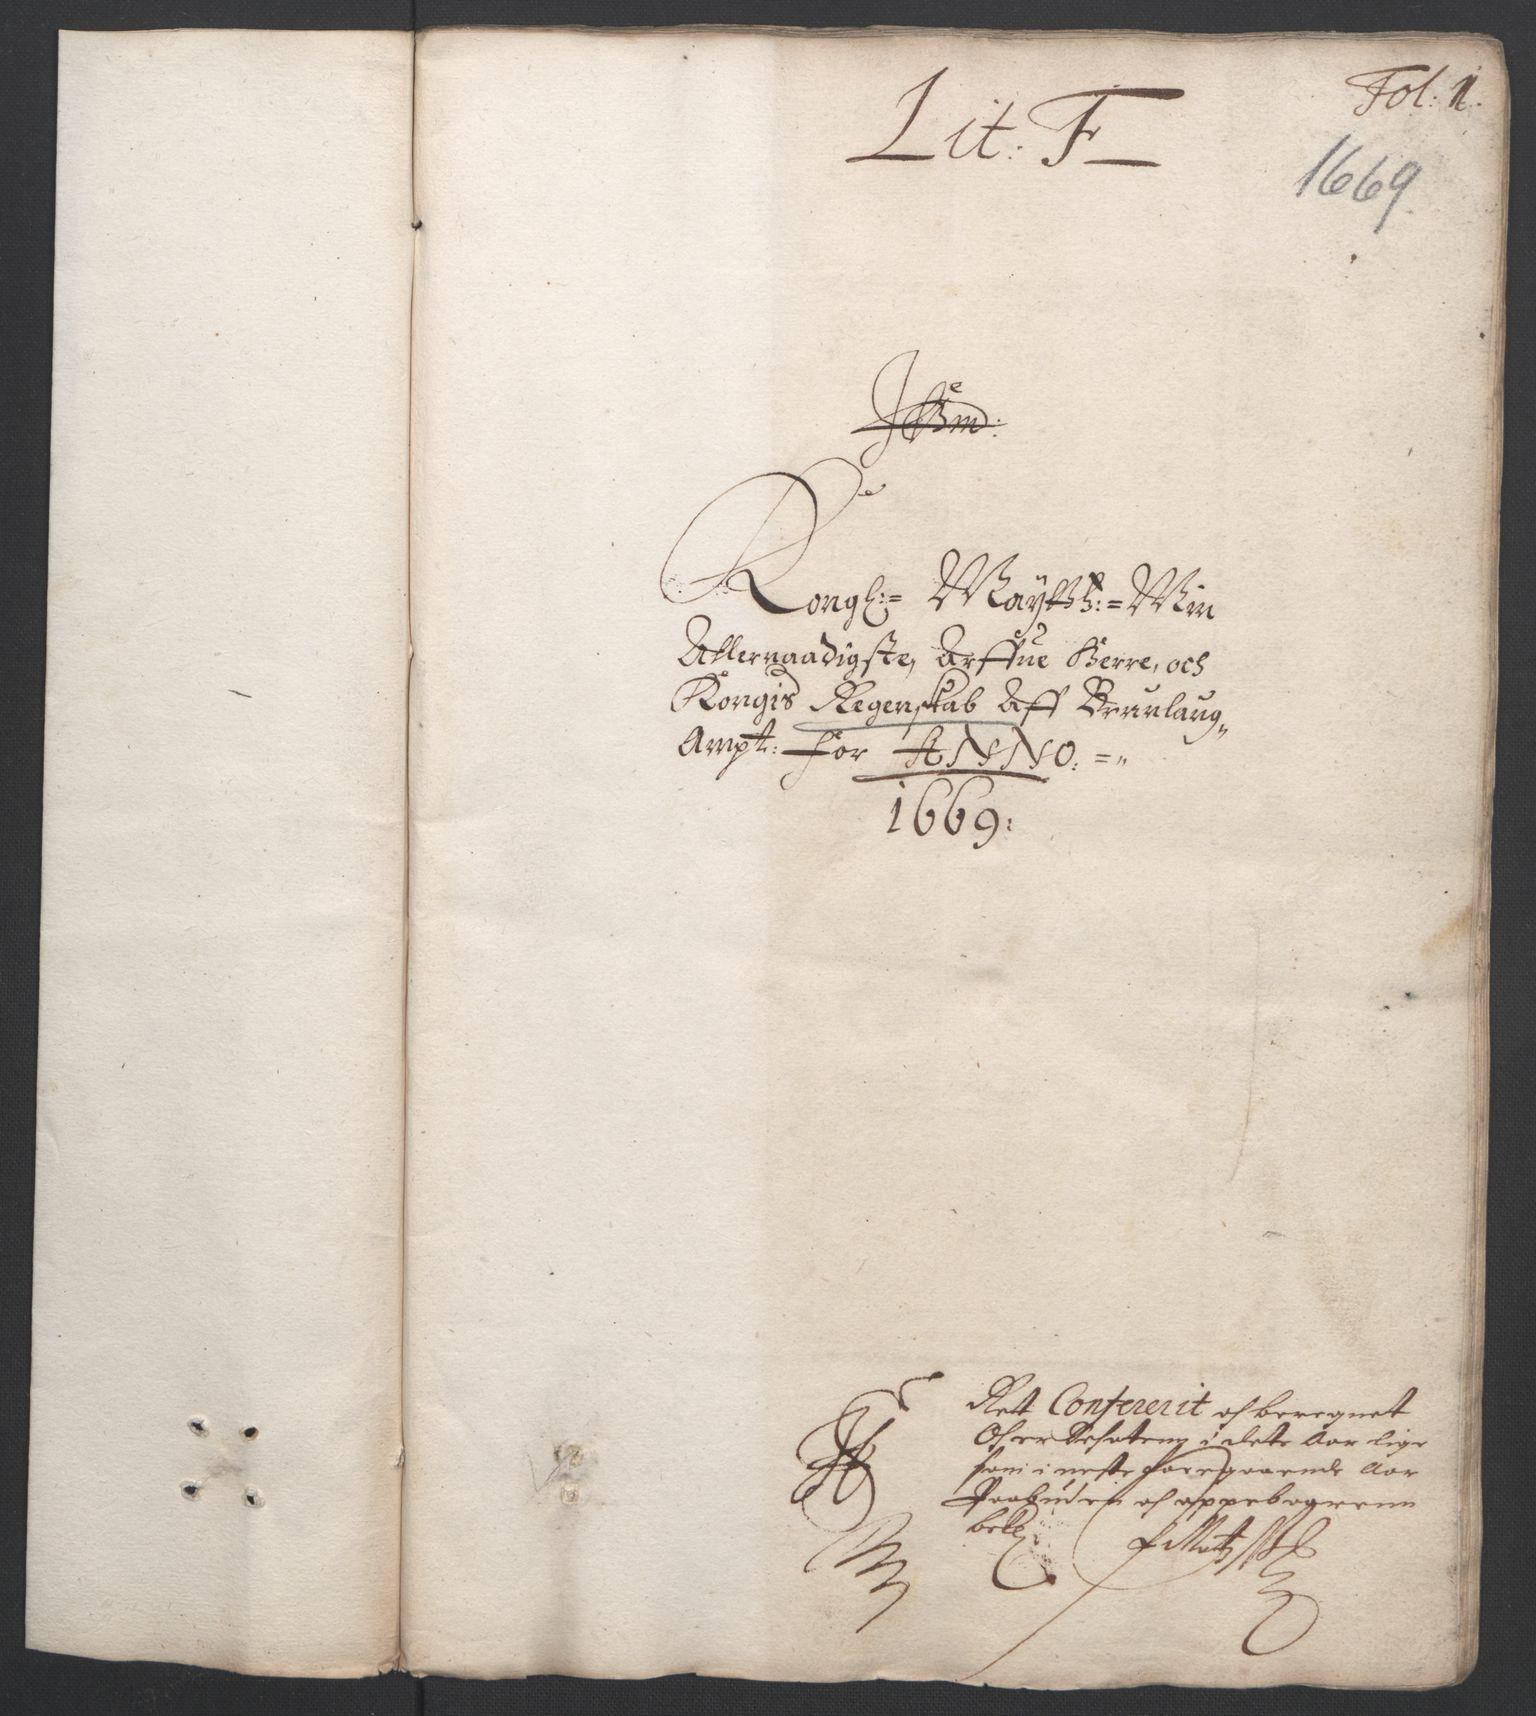 RA, Rentekammeret inntil 1814, Reviderte regnskaper, Fogderegnskap, R33/L1965: Fogderegnskap Larvik grevskap, 1669-1670, s. 3